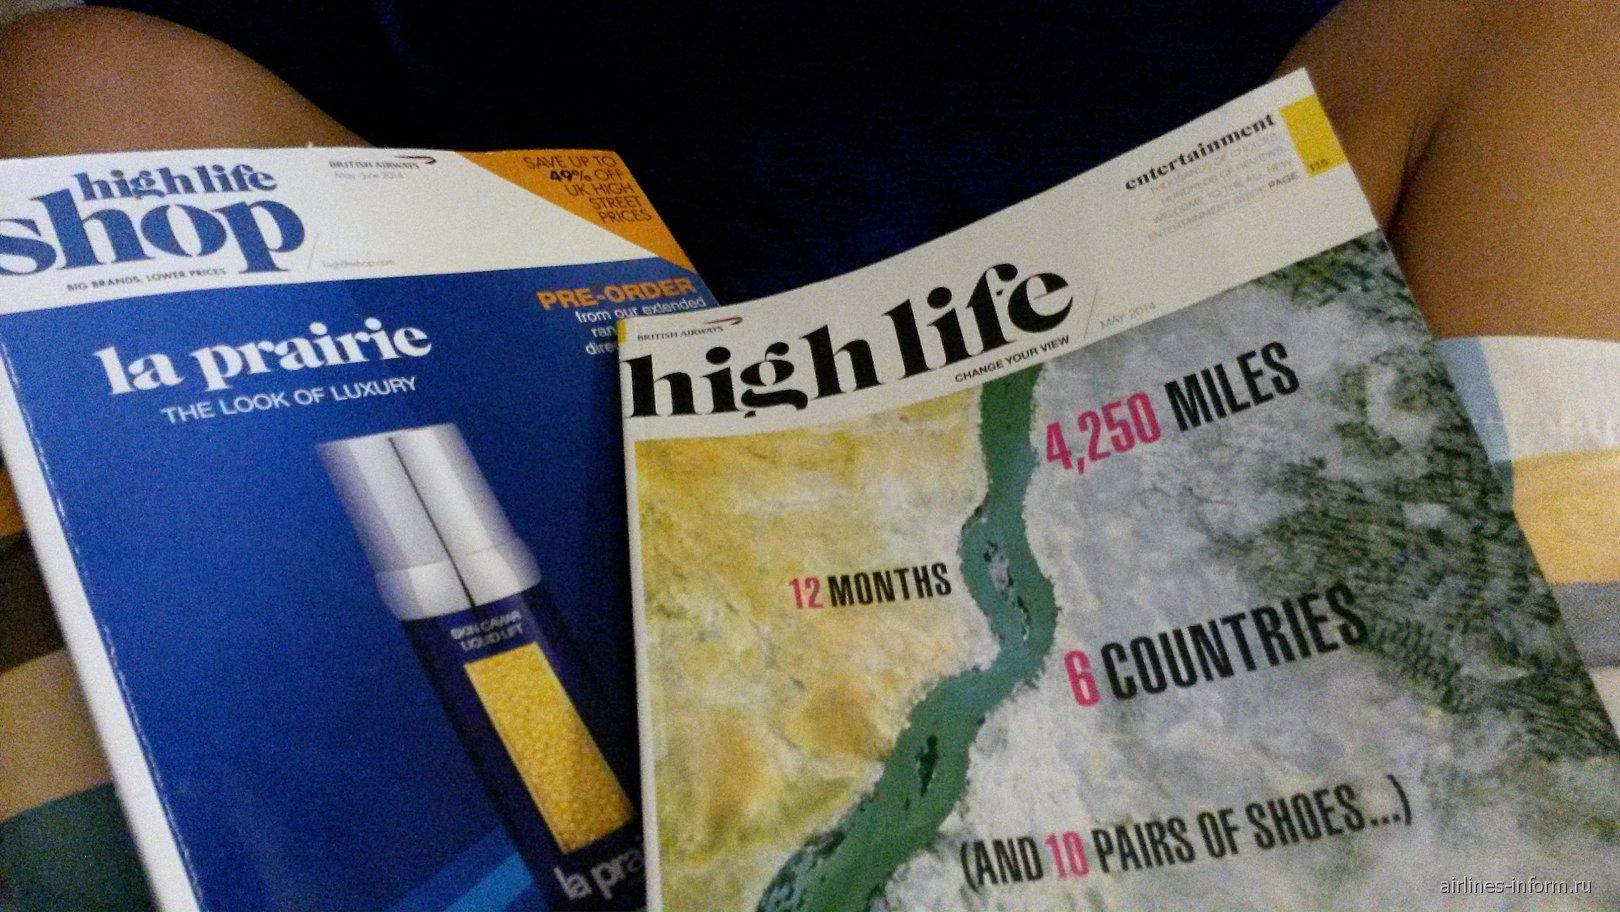 Журналы для пассажиров Британских авиалиний